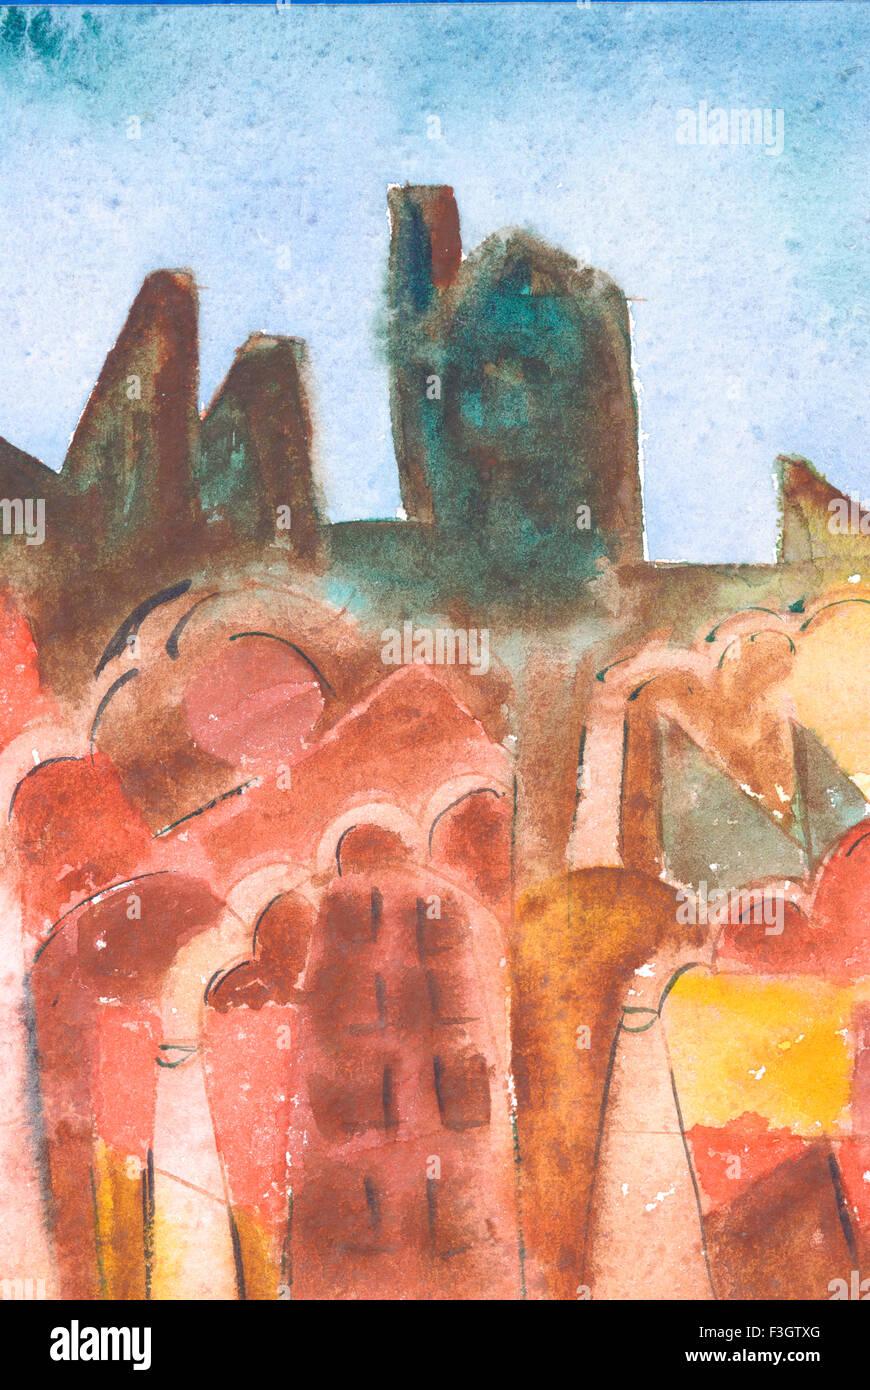 Abstract cityscape acquerello su carta Immagini Stock